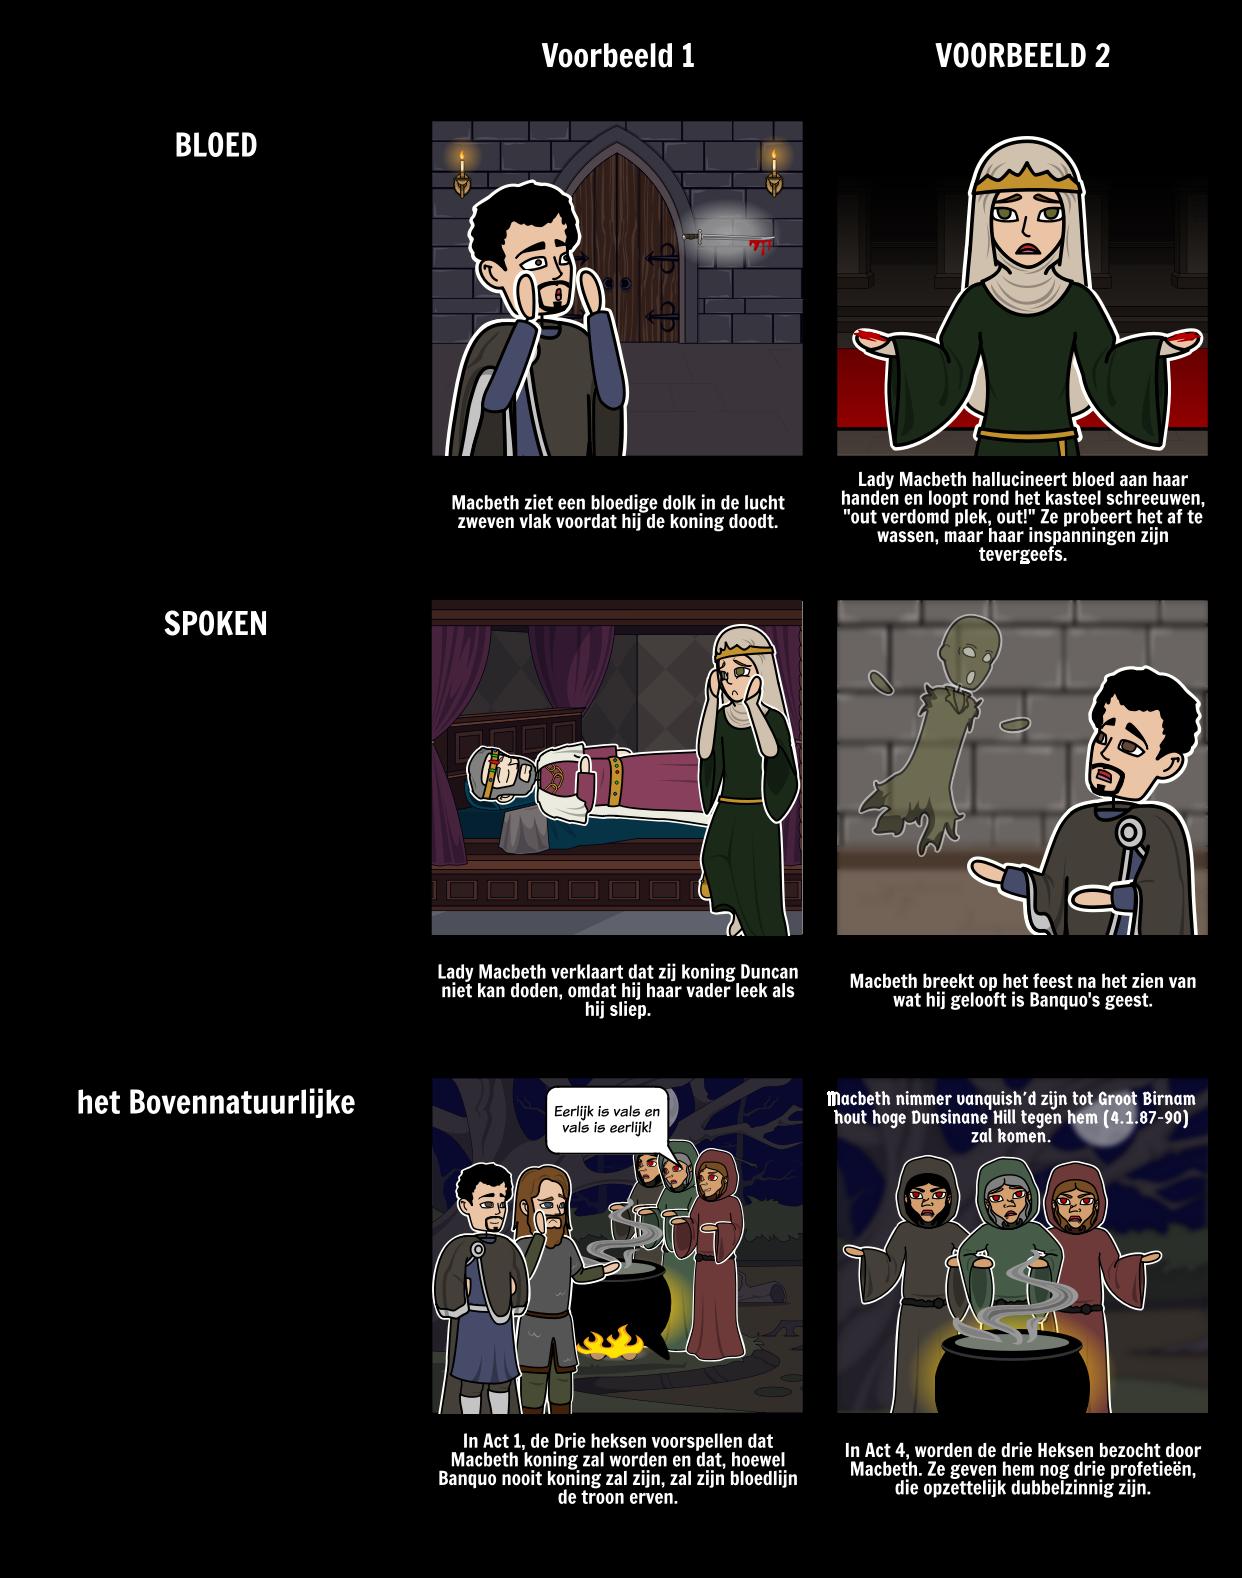 Macbeth Symbolen, Motieven en Thema's